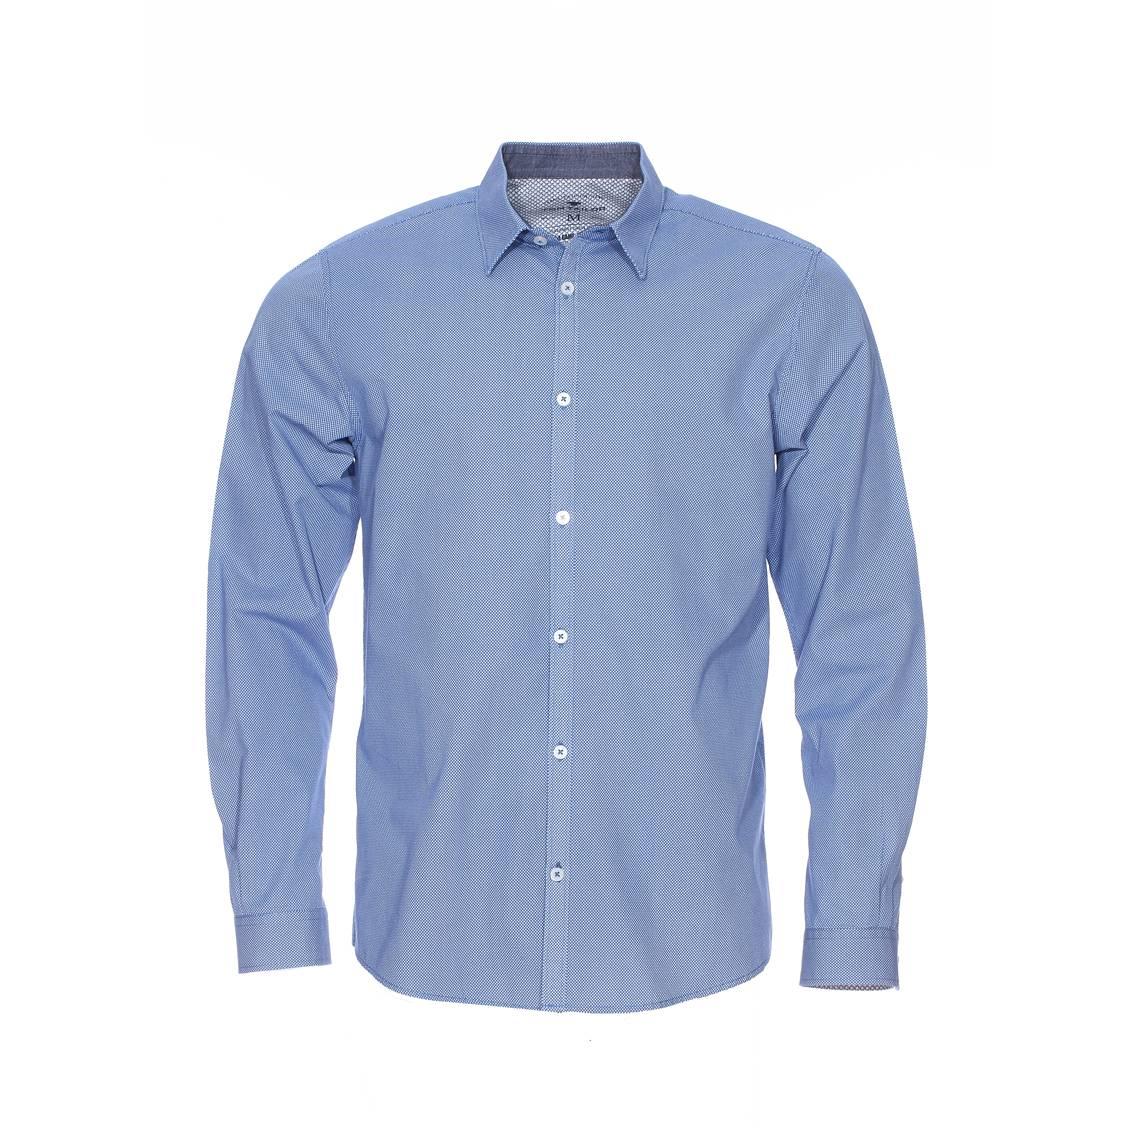 Chemise  en coton bleu clair à pois blancs